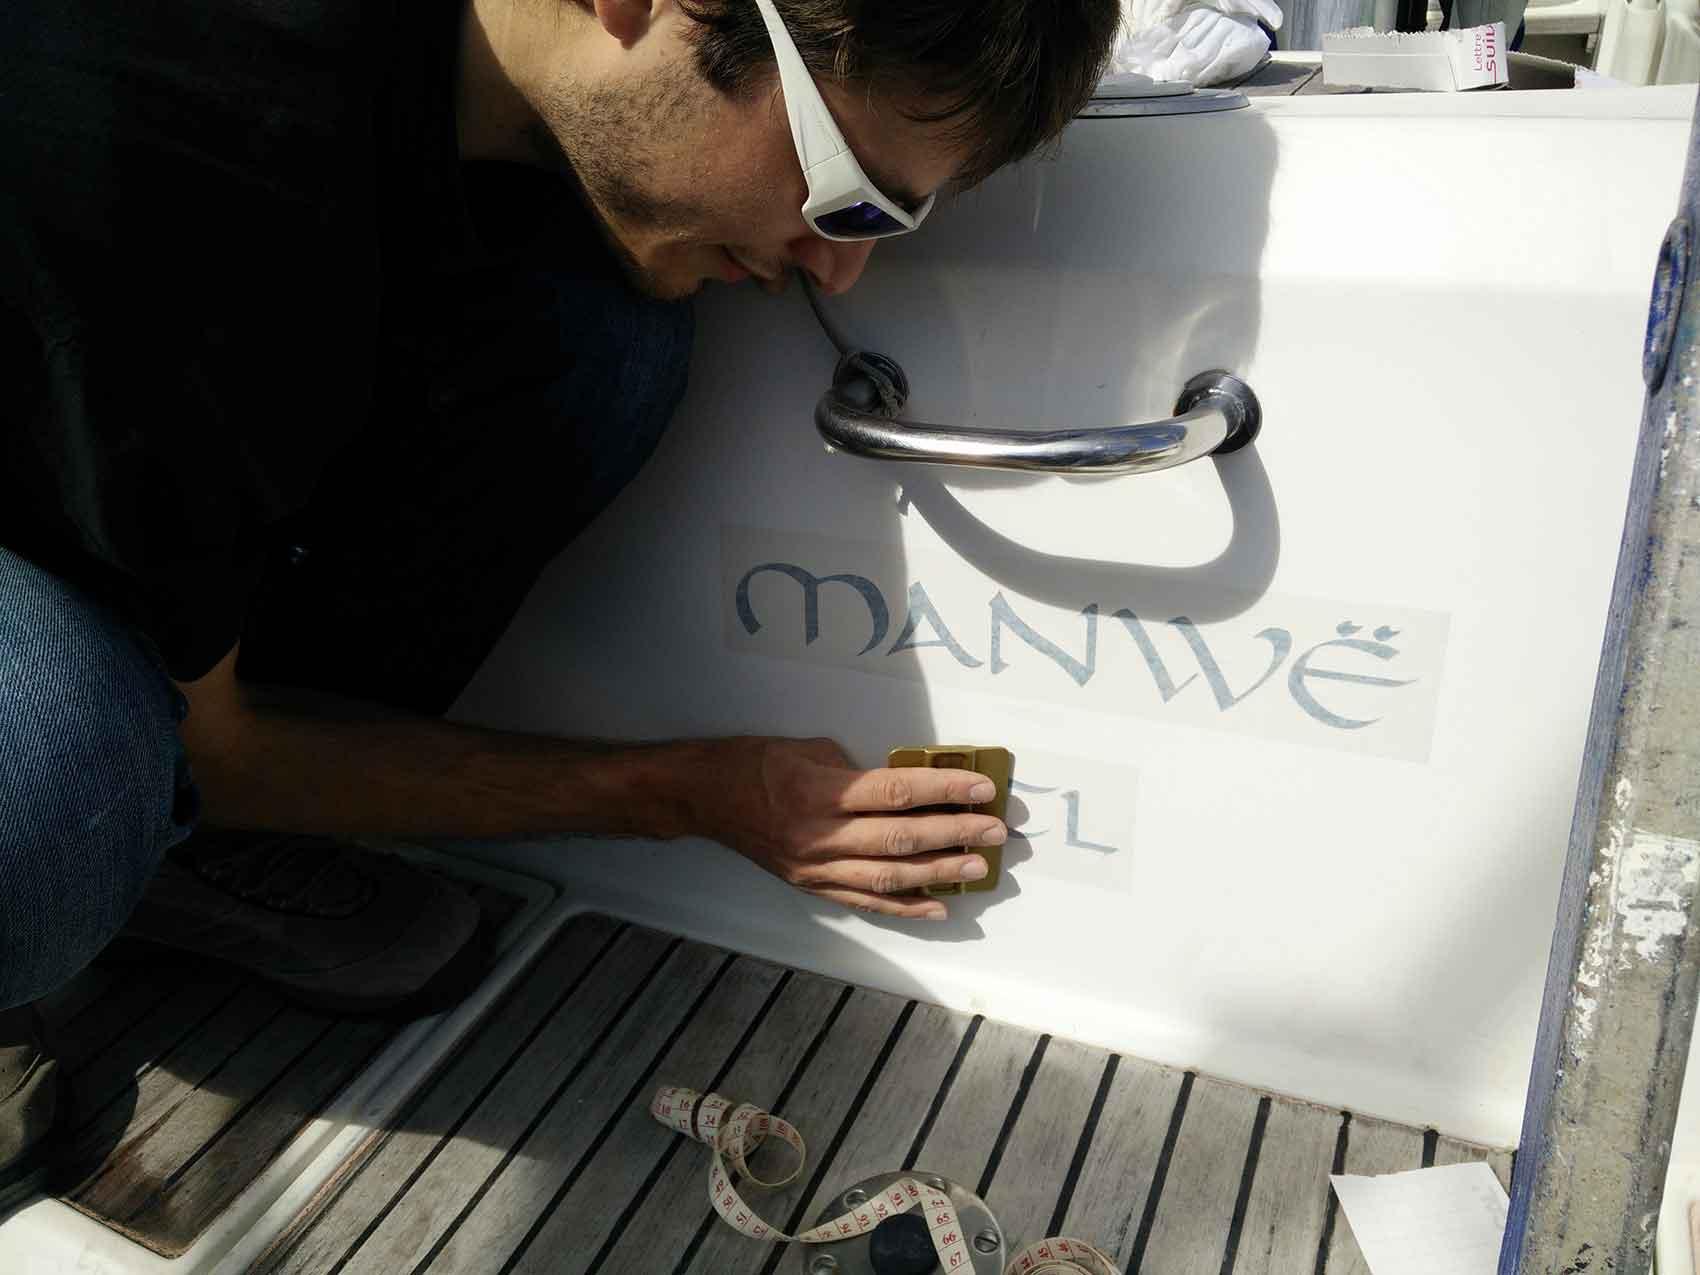 Damien appuie pour coller le nouveau nom du bateau.